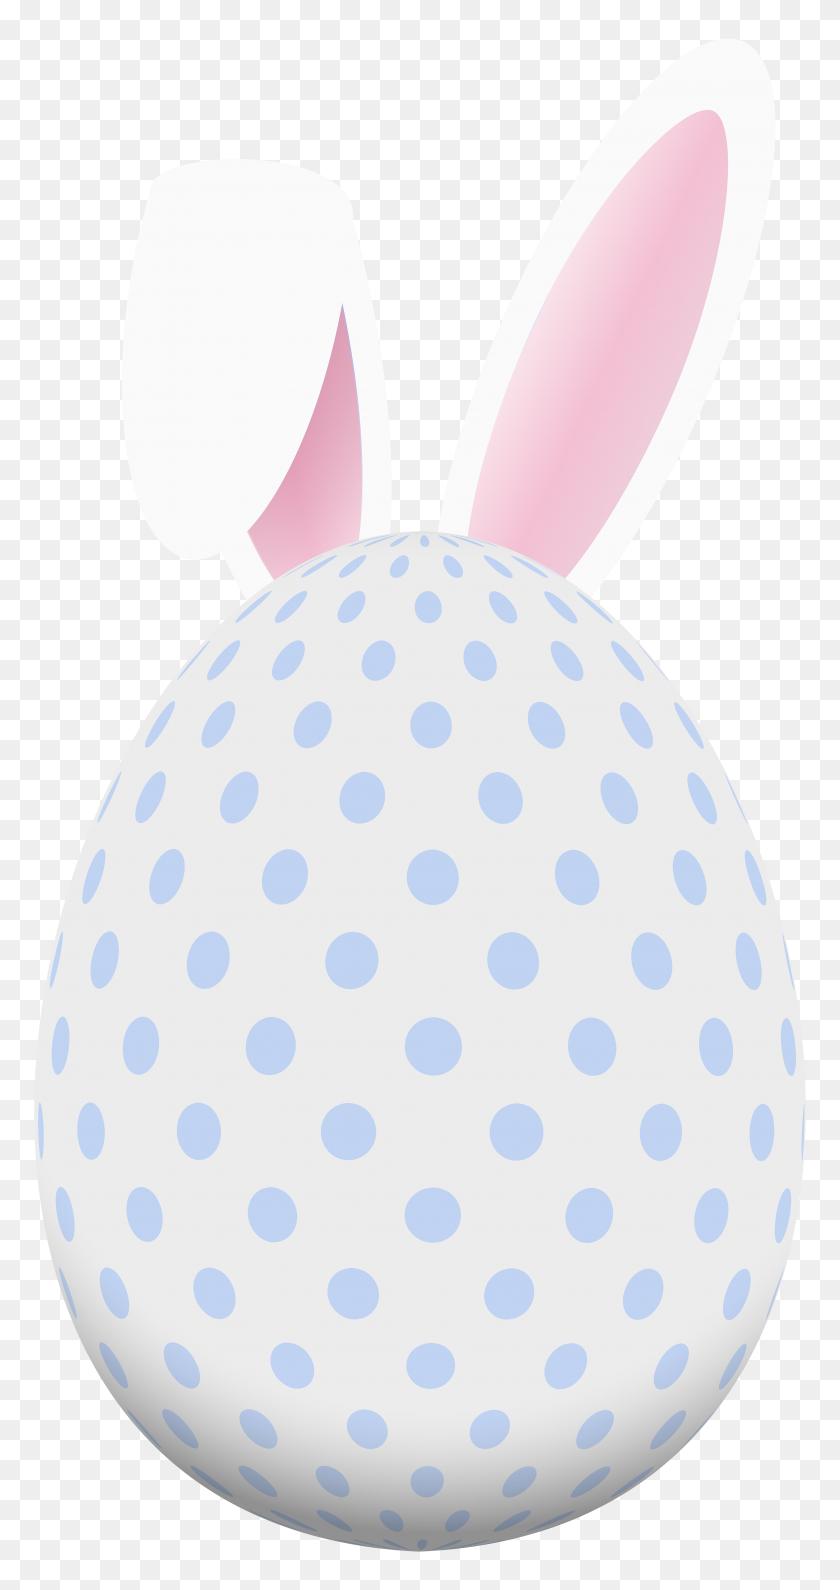 Easter Bunny Ears Clip Art Free Vectors Make It Great! - Senses Clipart